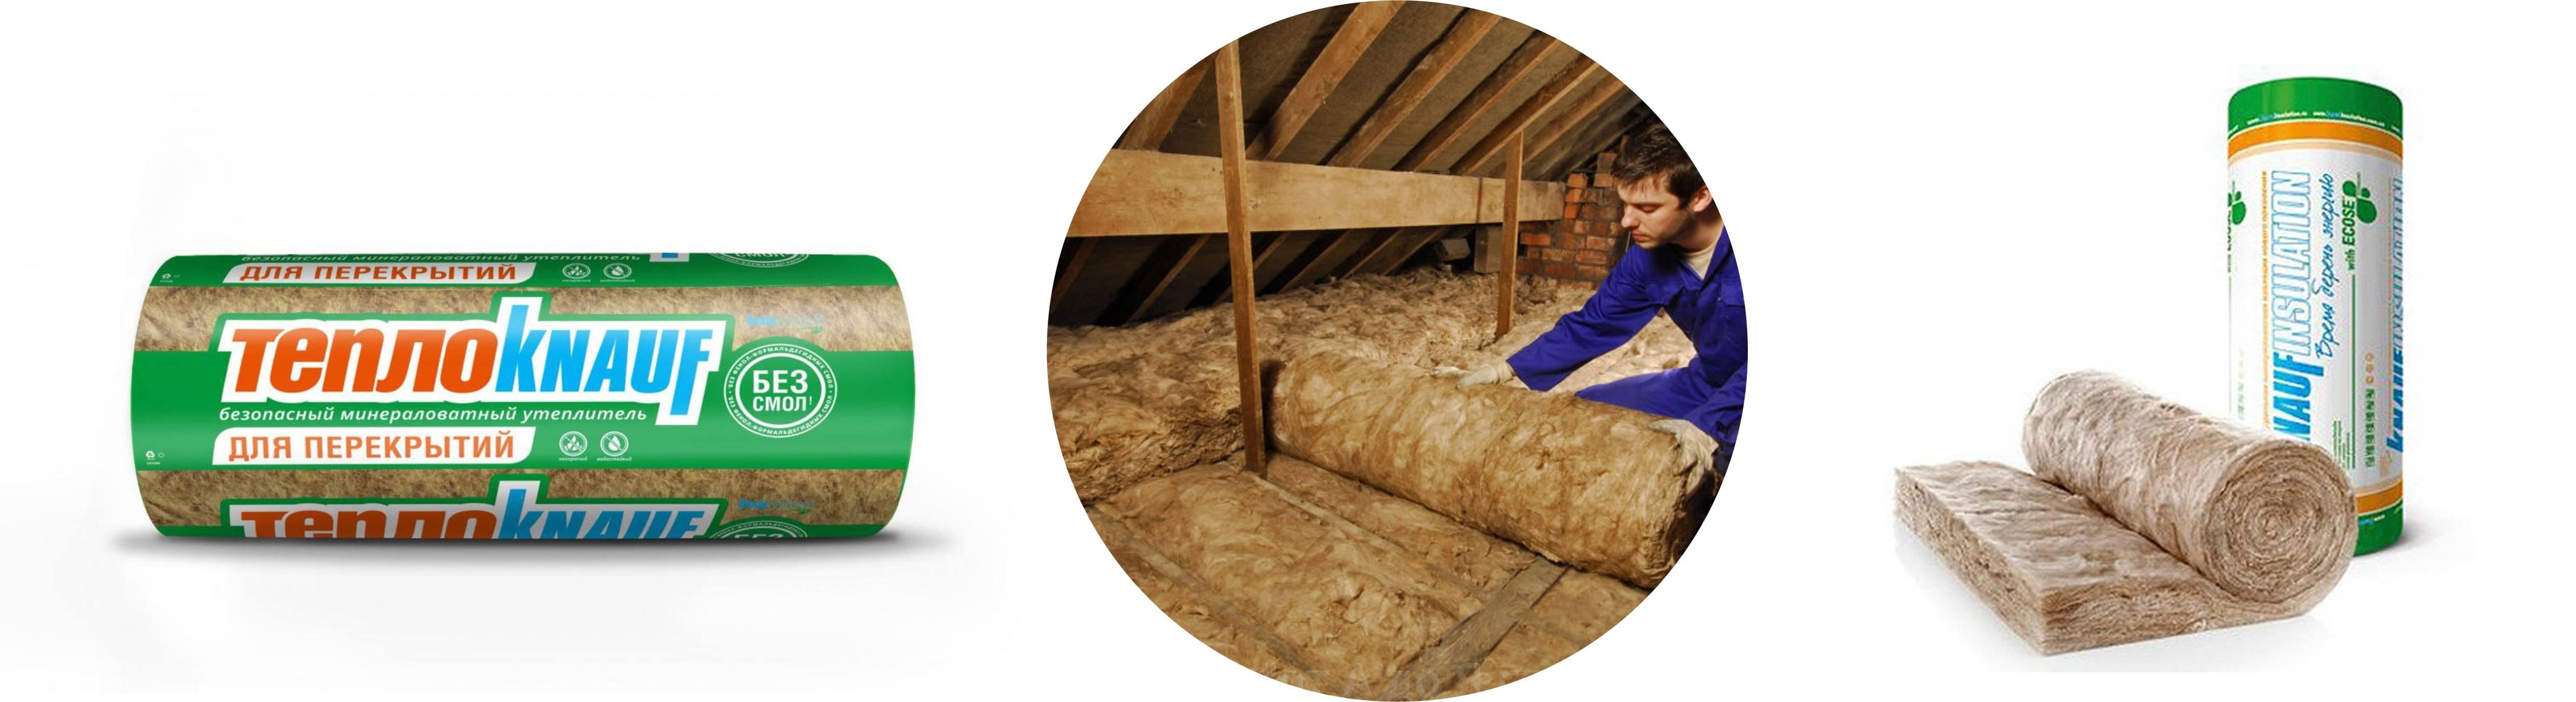 Утеплитель для крыши: отзывы, какой лучше, обзор продукции knauf, ursa, isover и технониколь